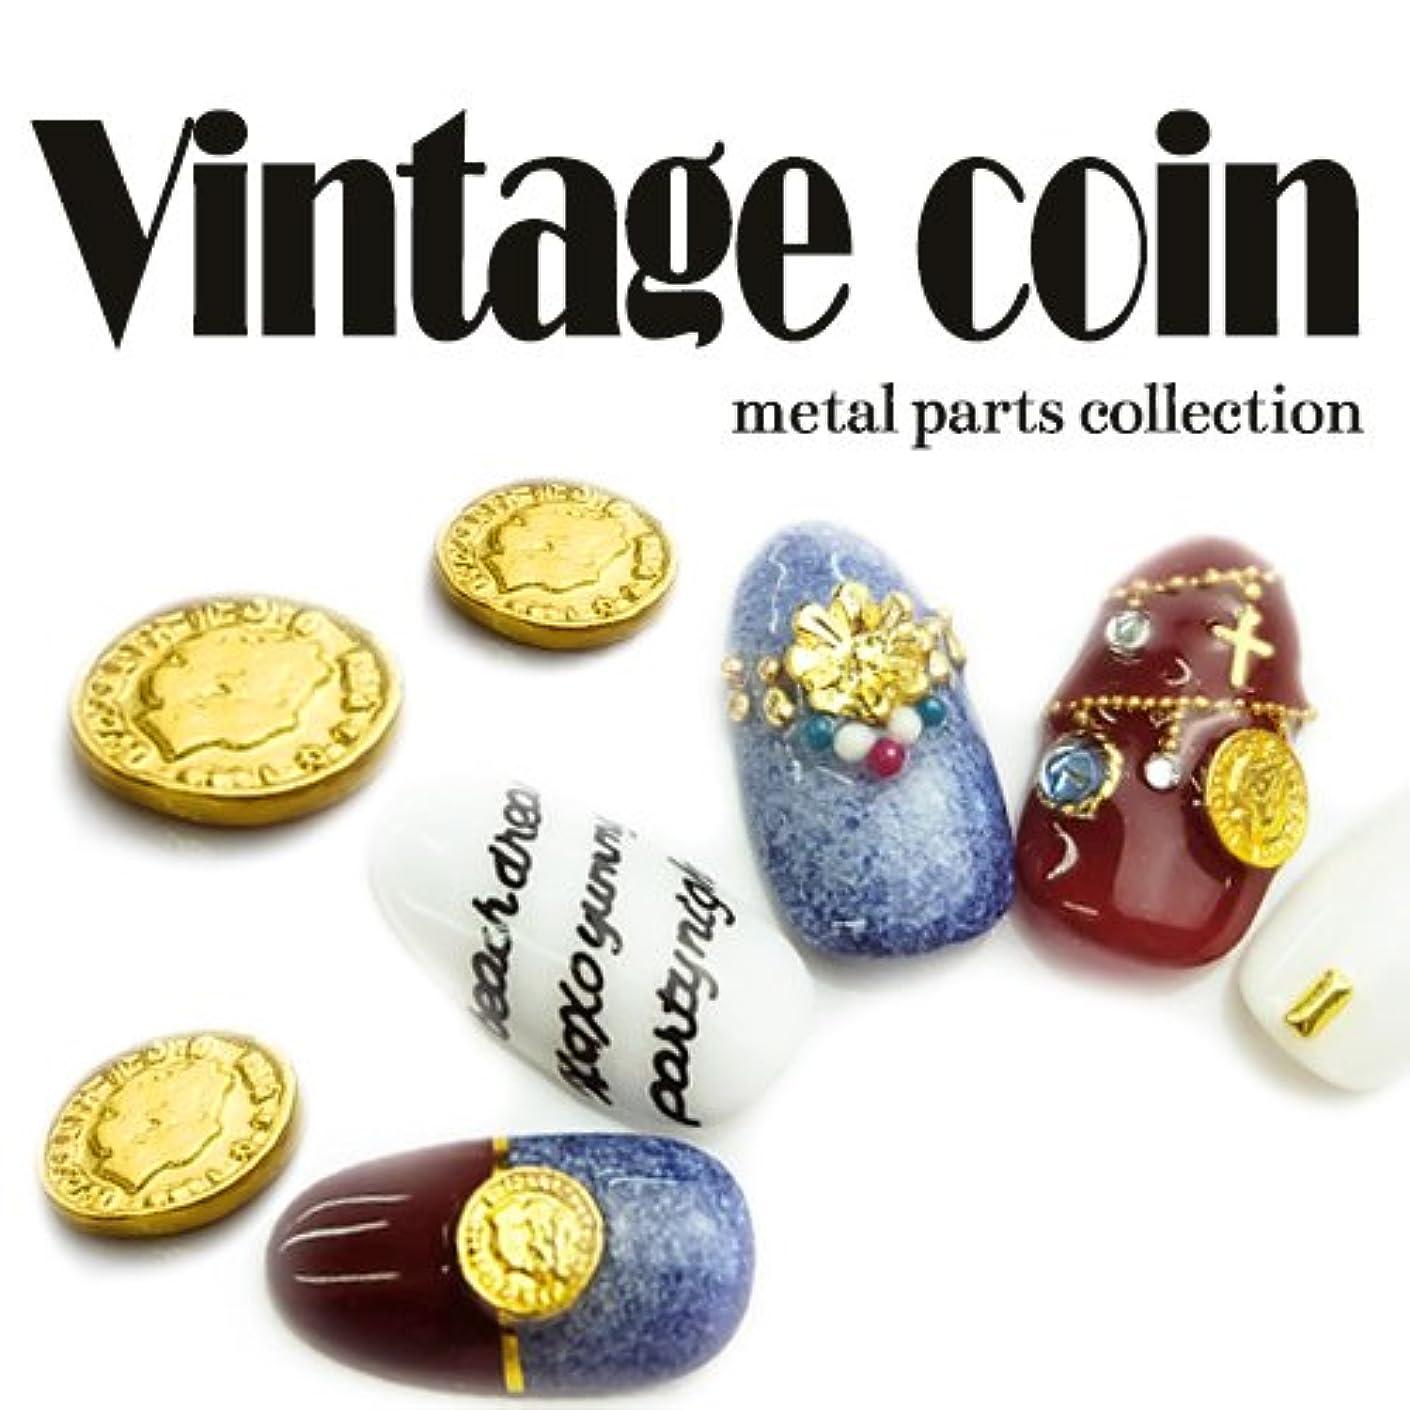 の指紋コマンド(ゴールド) 5個入 ヴィンテージコインメタルパーツ